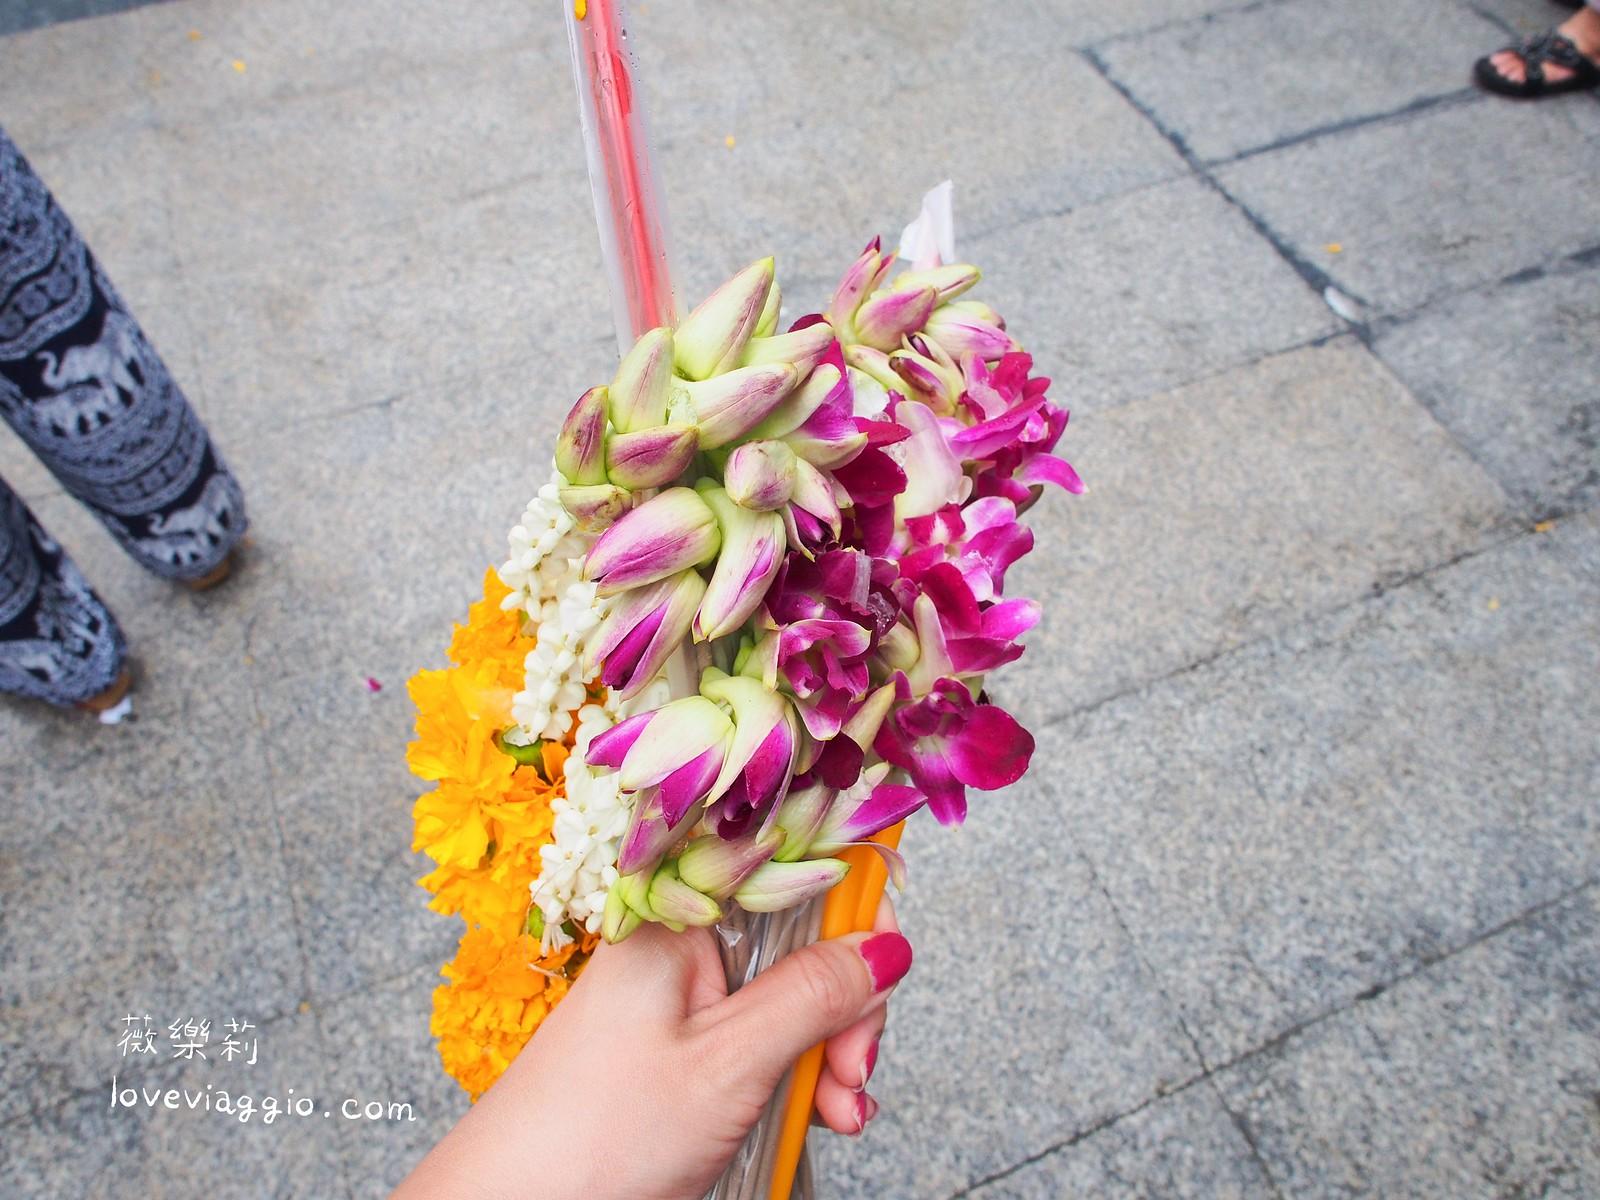 【泰國 Thailand】曼谷四面佛 香火鼎盛的Erawan廣場 四面佛參拜與還願方式 @薇樂莉 Love Viaggio | 旅行.生活.攝影